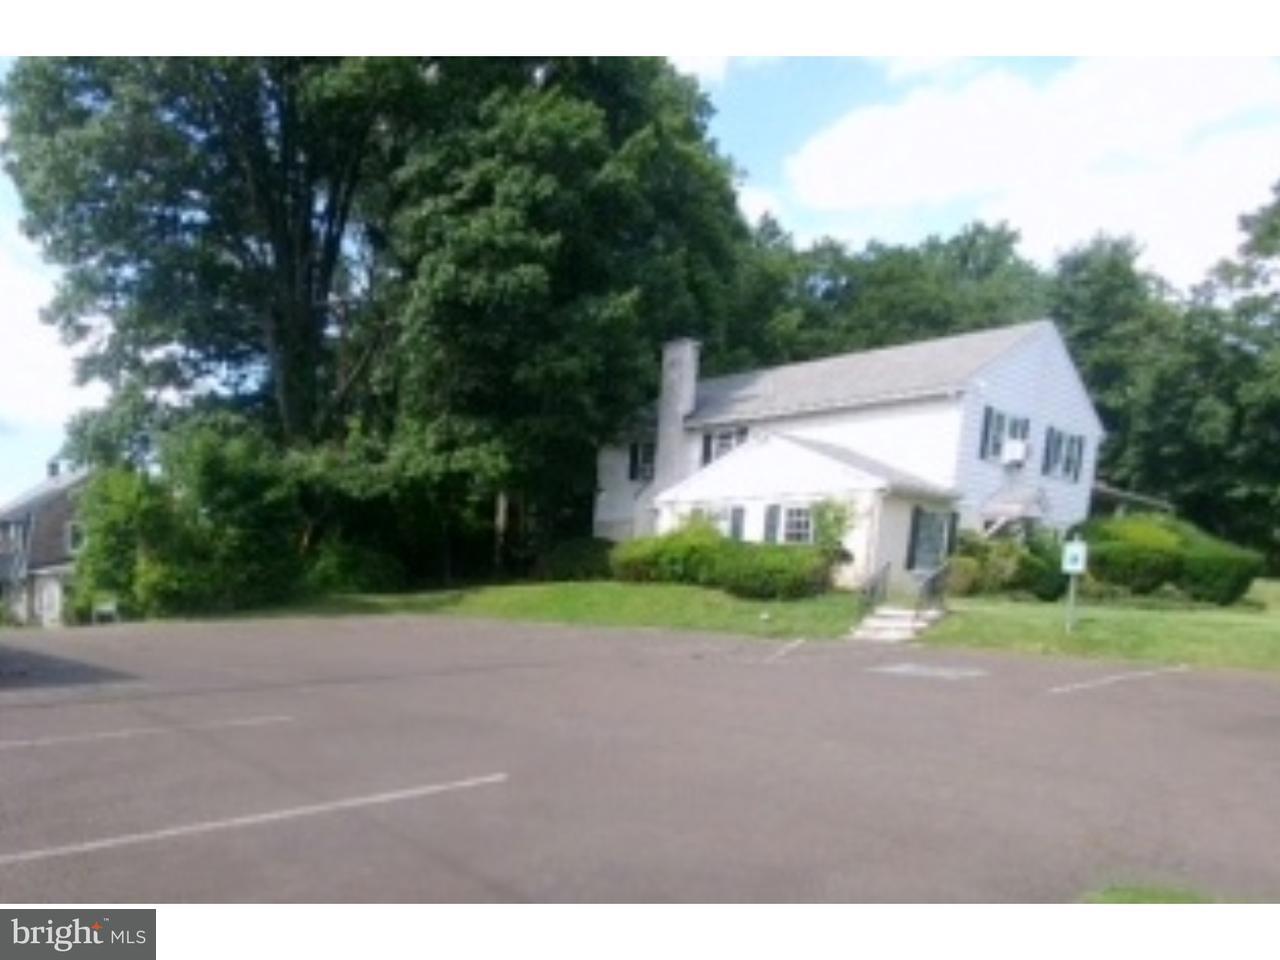 Maison unifamiliale pour l Vente à 600 N BETHLEHEM PIKE Spring House, Pennsylvanie 19002 États-Unis